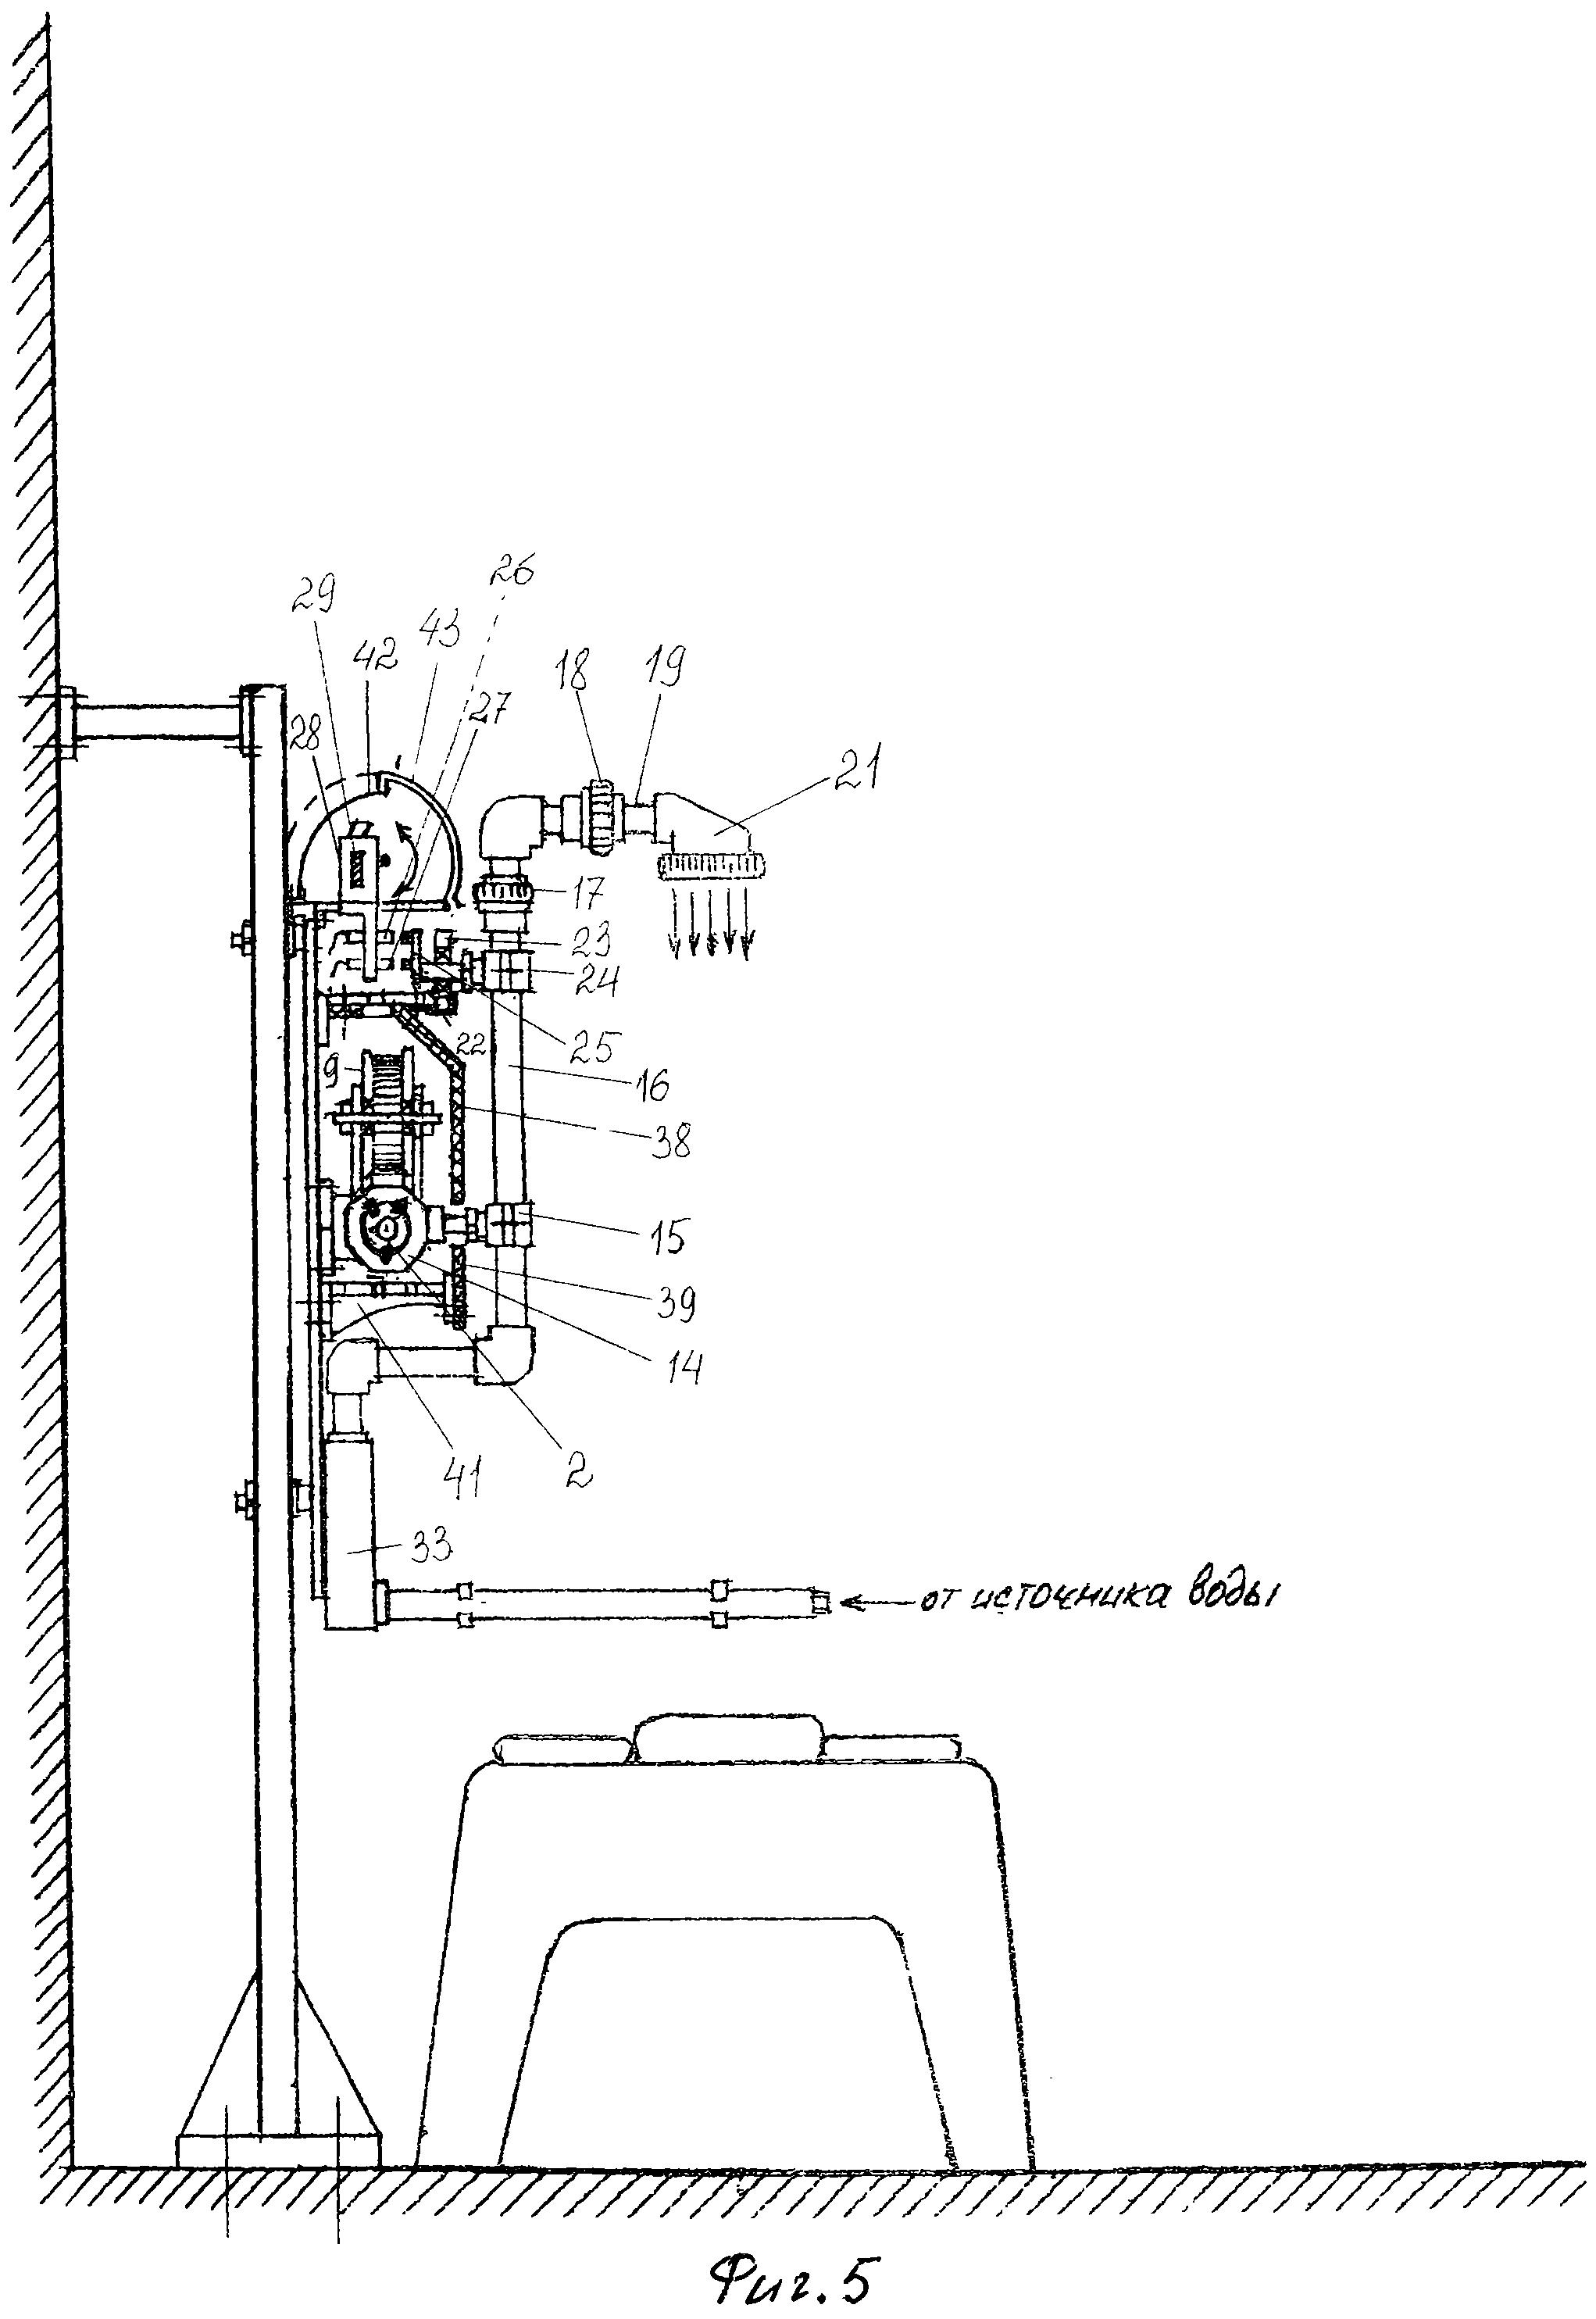 Способ реализации гидромассажного сканера для проведения водных процедур